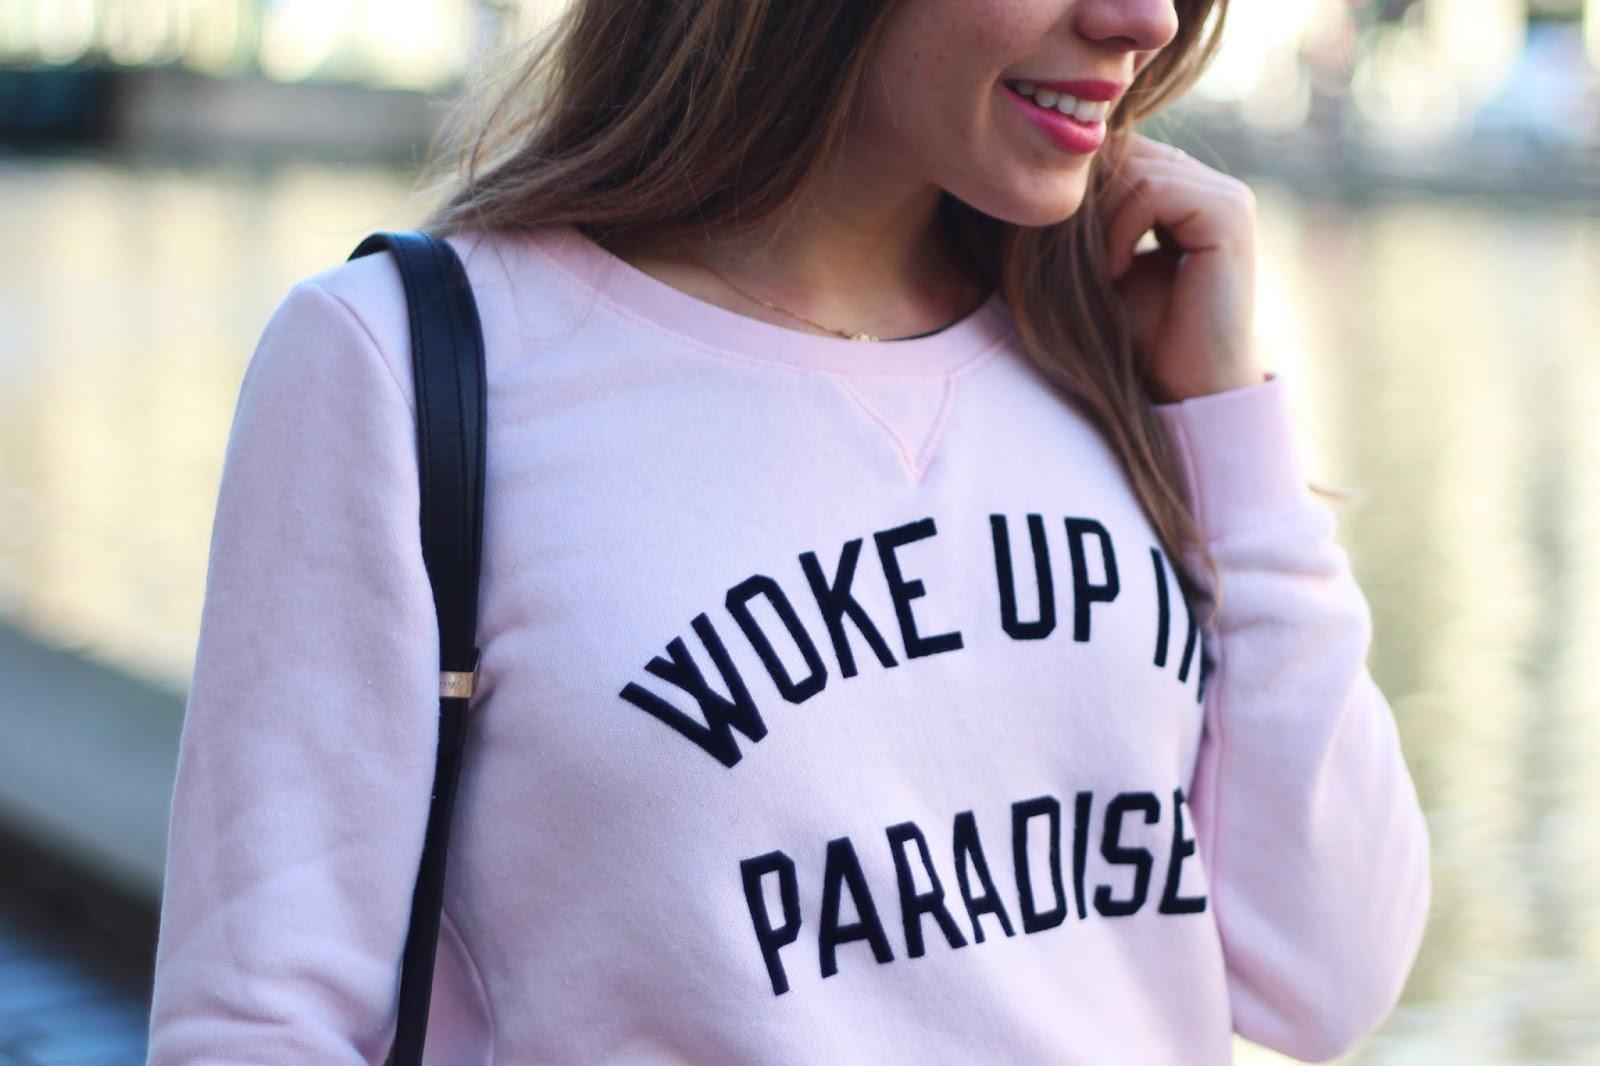 Woke up in paradise